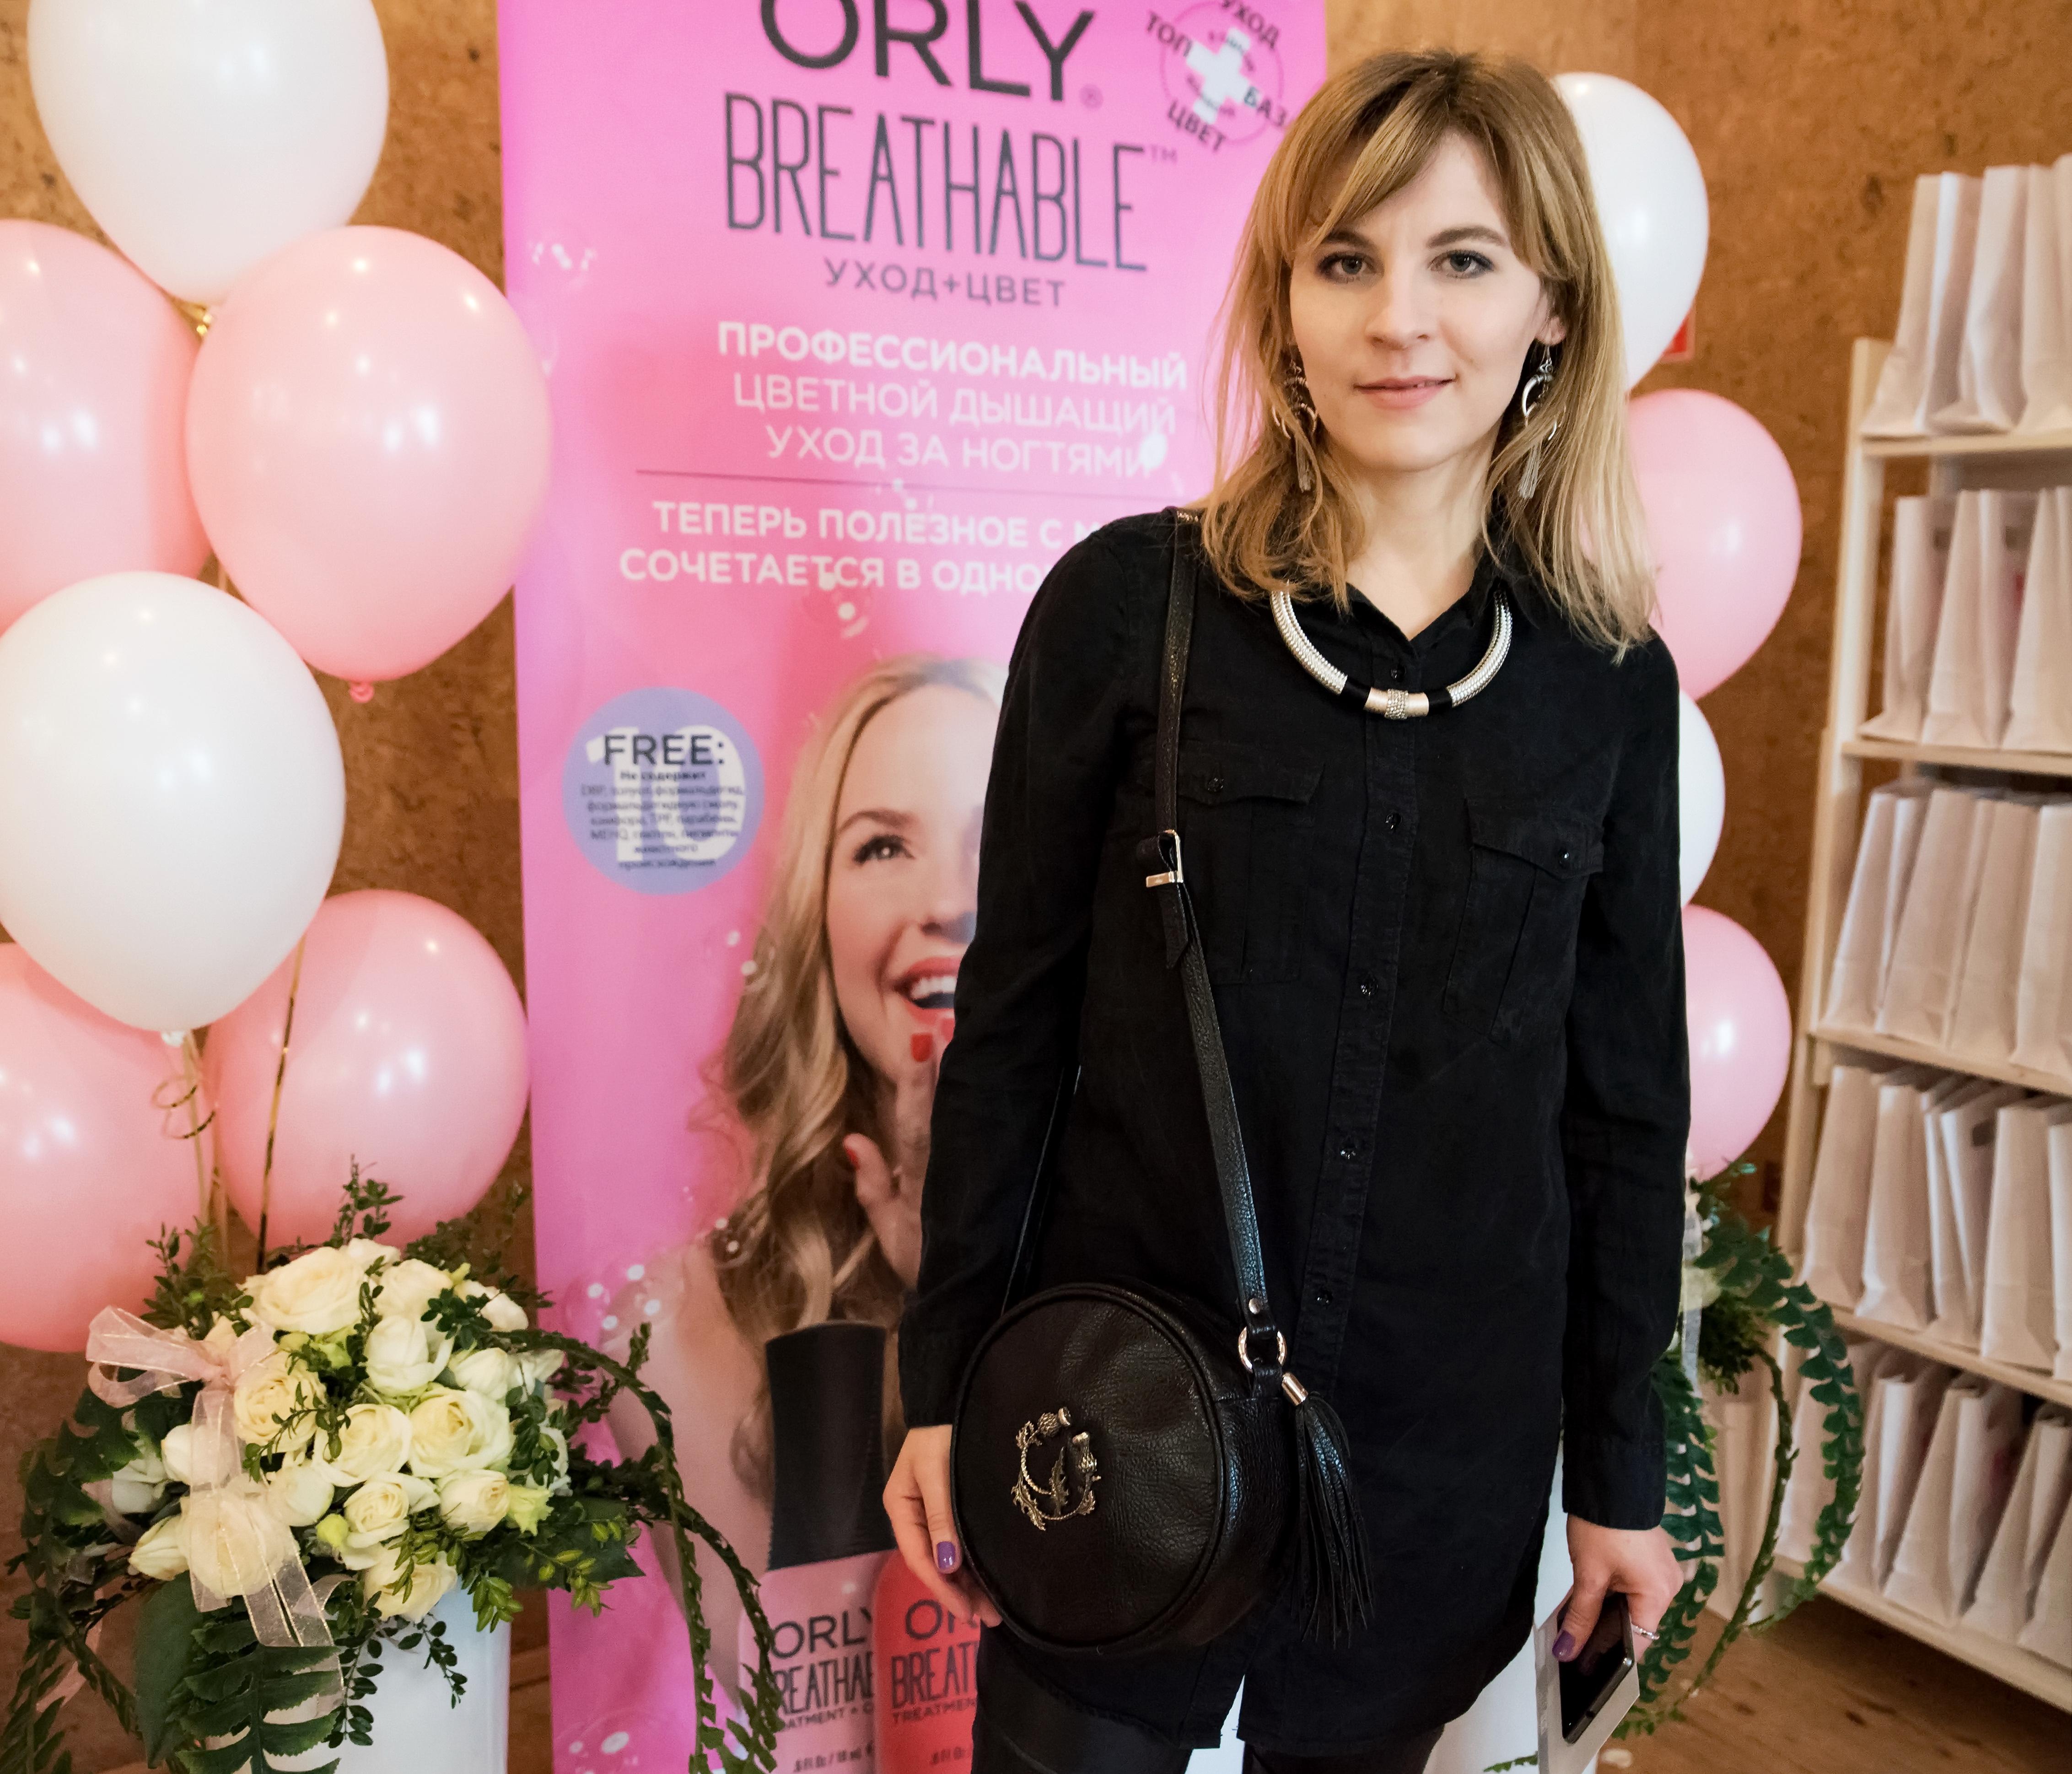 Новинка от ORLY – профессиональный цветной дышащий уход для ногтей BREATHABLE™. Блогер Мария Тур